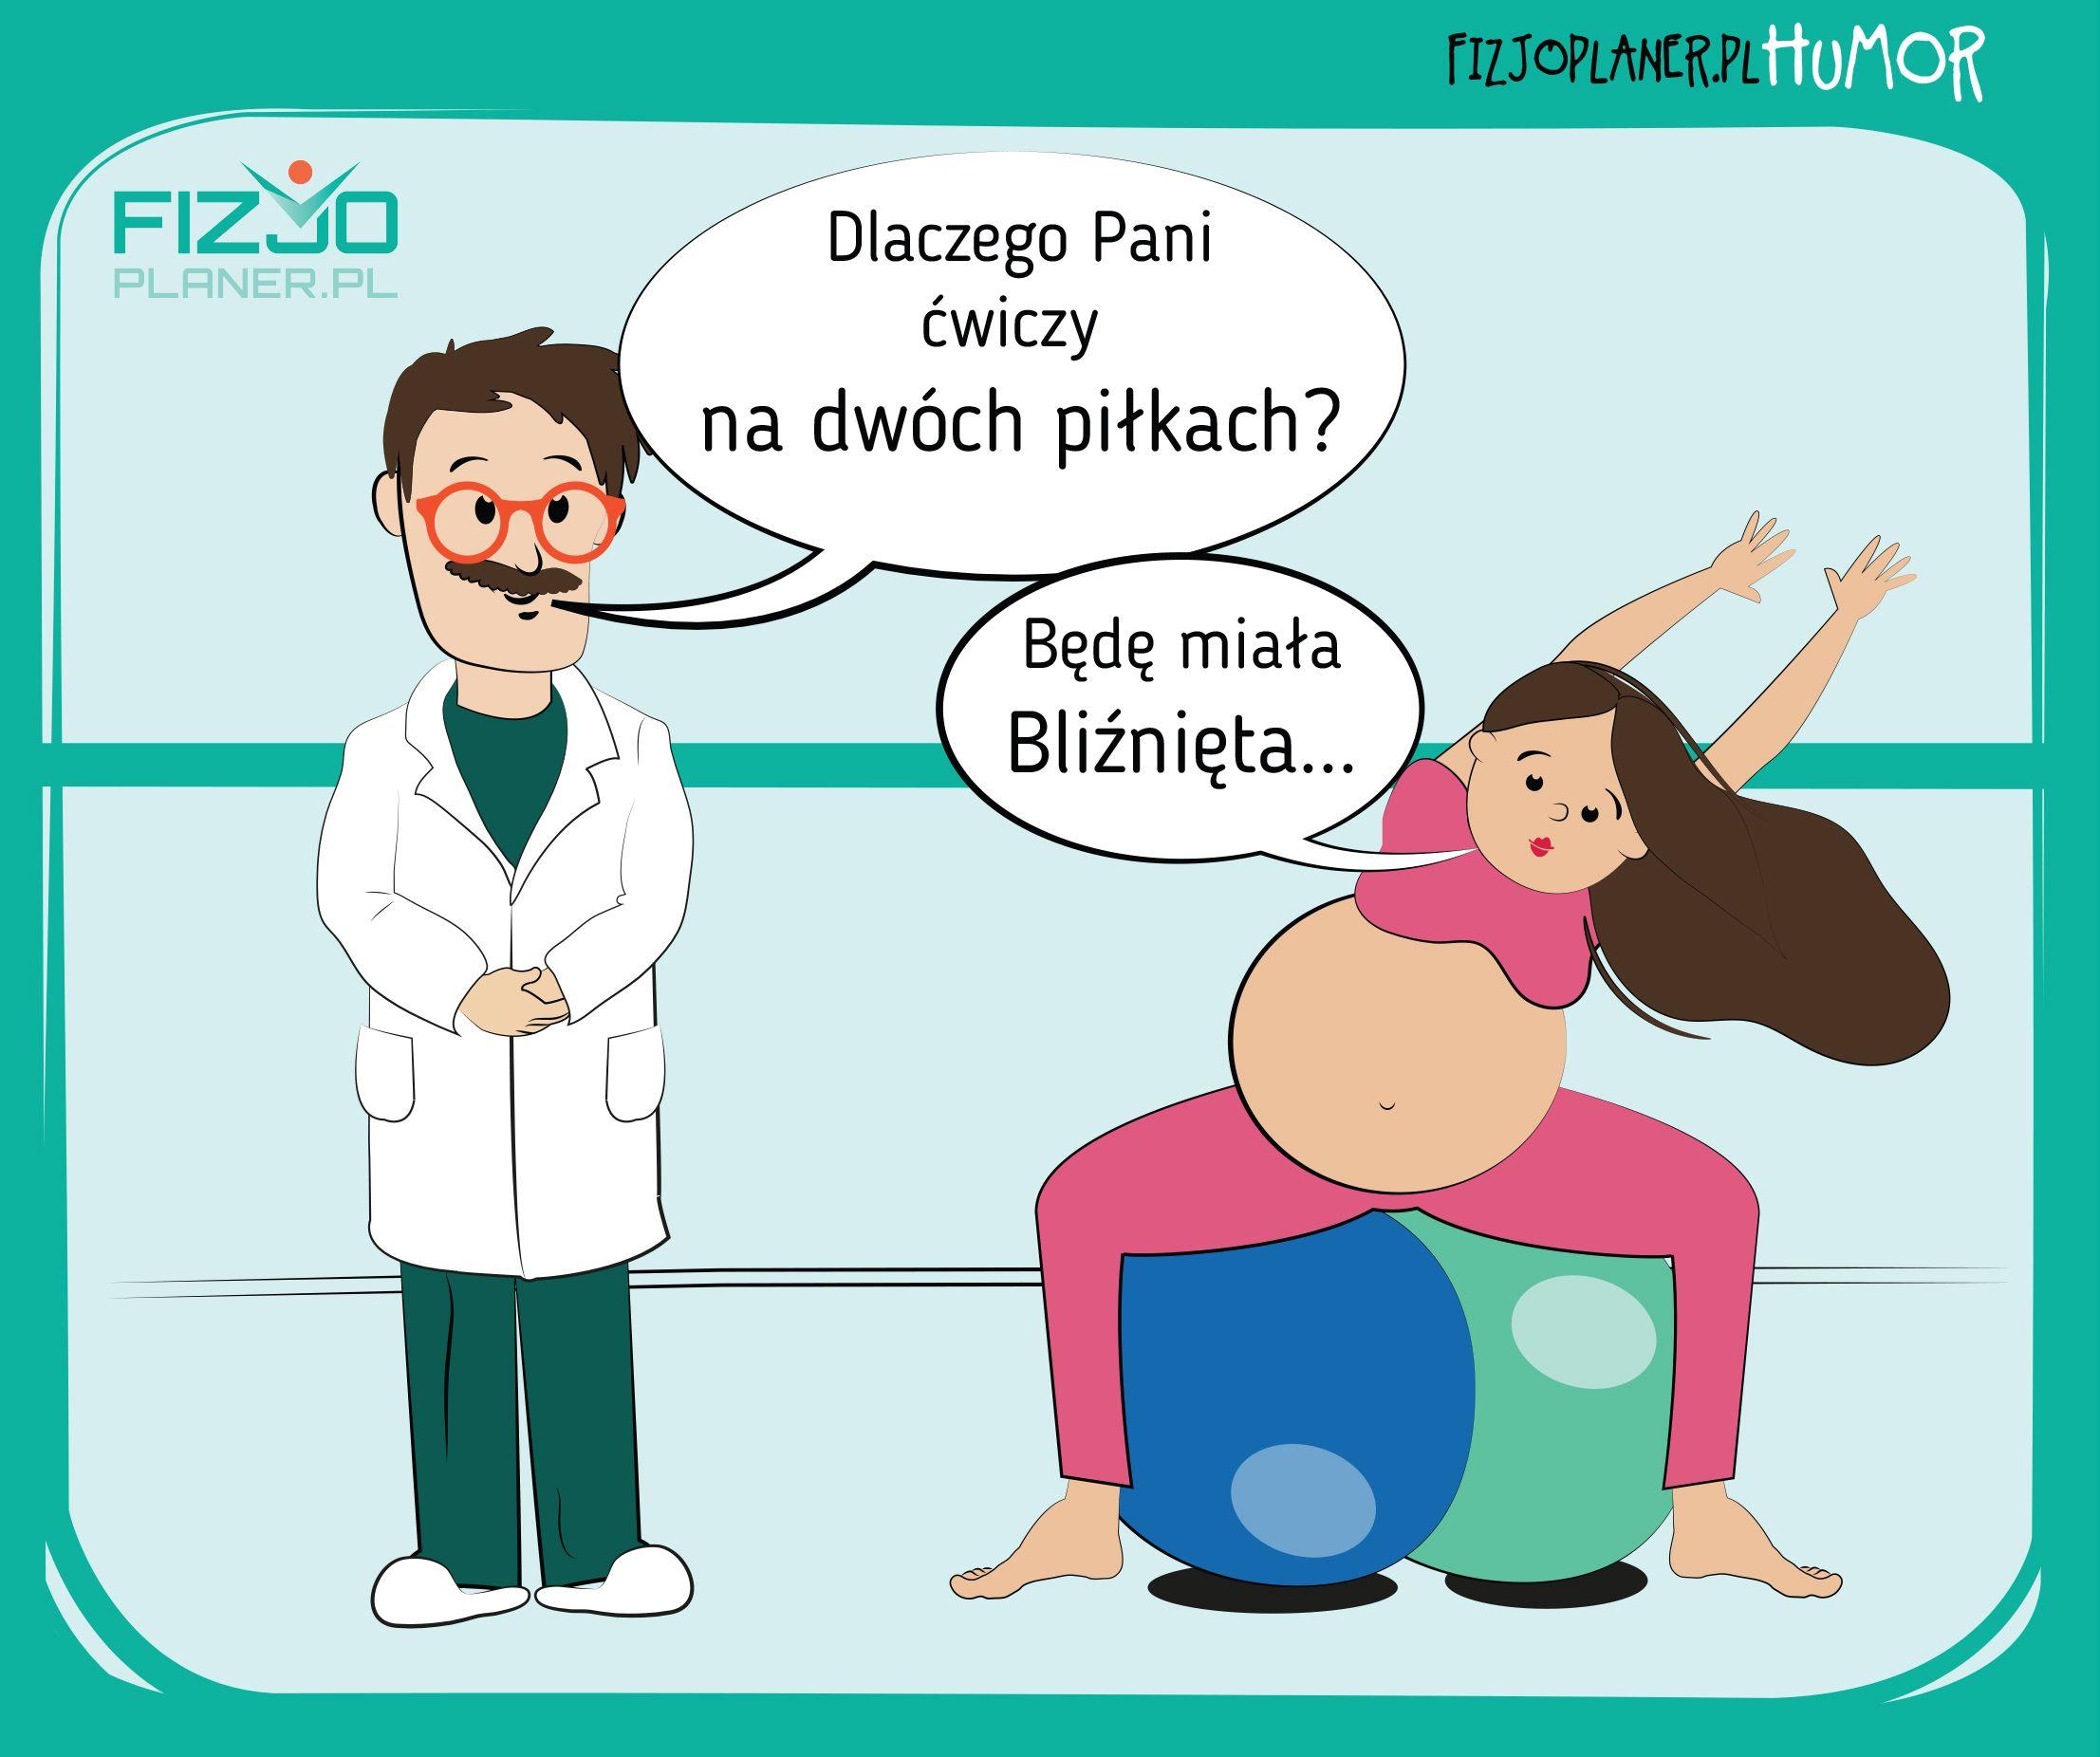 ćwiczenia kobiet w ciąży fizjoplaner.pl/humor